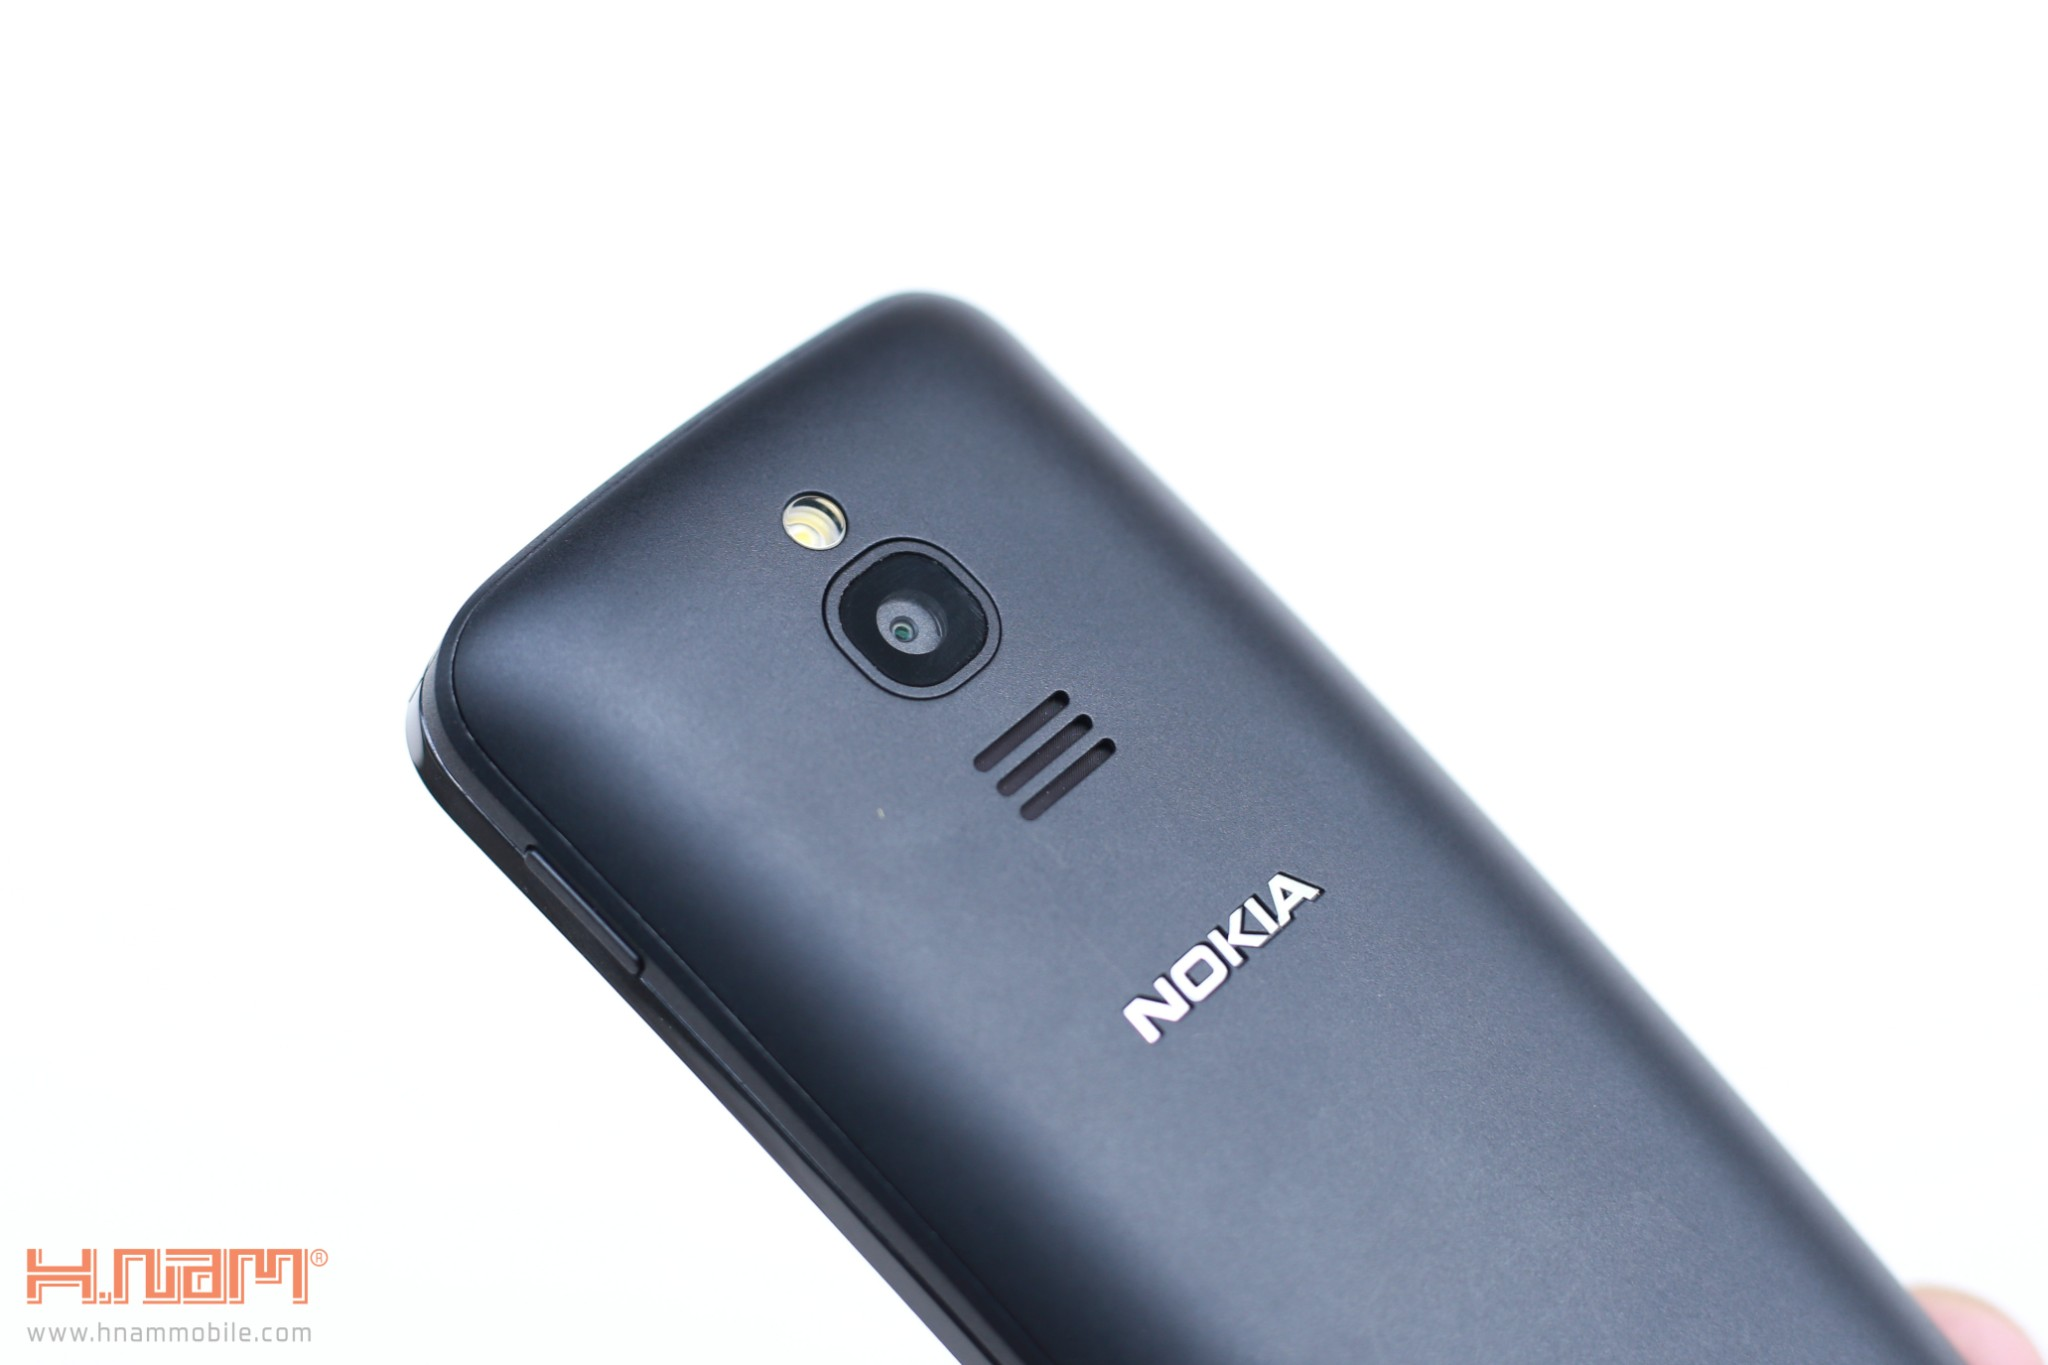 Trên tay Nokia 8110 chuối: Thiết kế siêu cute, phát 4G, giá 1.7 triệu đồng hình 18